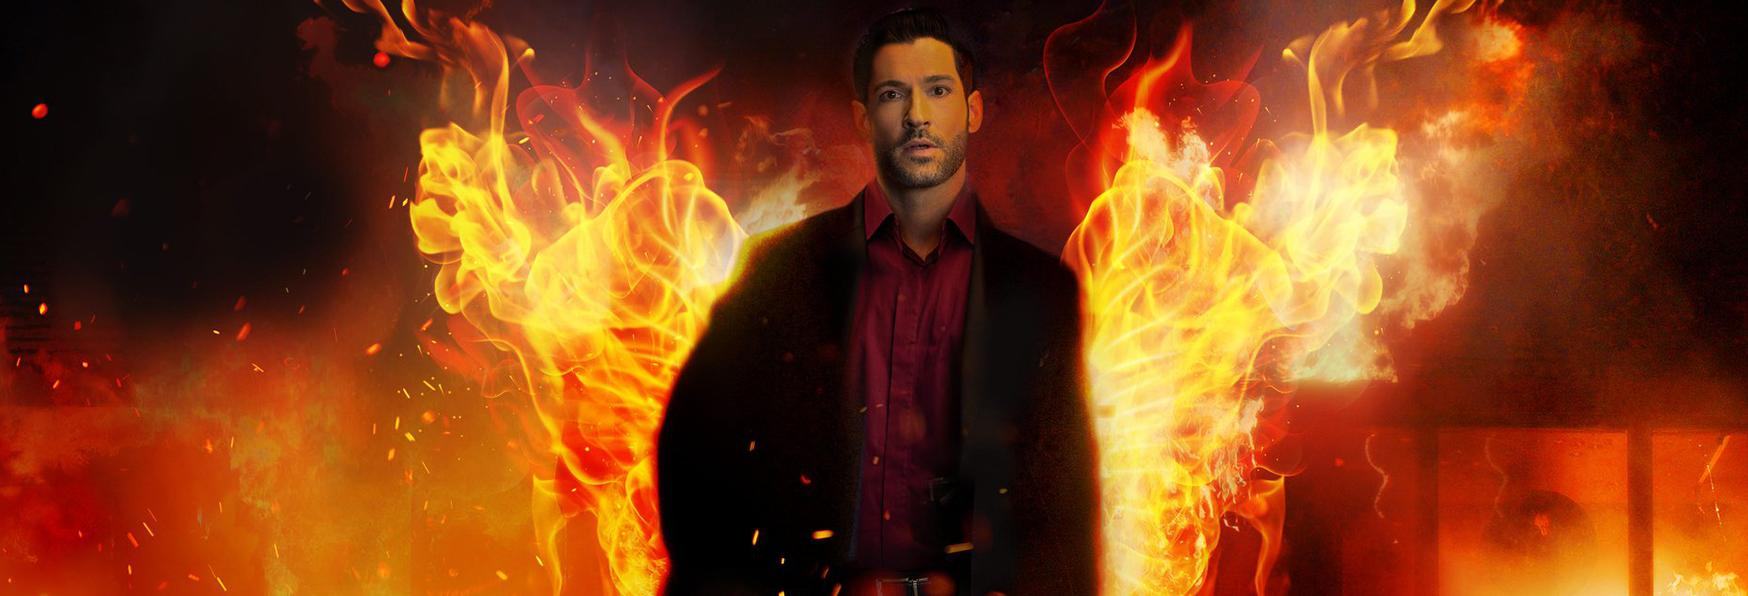 Lucifer 6: Tom Ellis finalizza l'Accordo per la Potenziale Stagione Aggiuntiva su Netflix